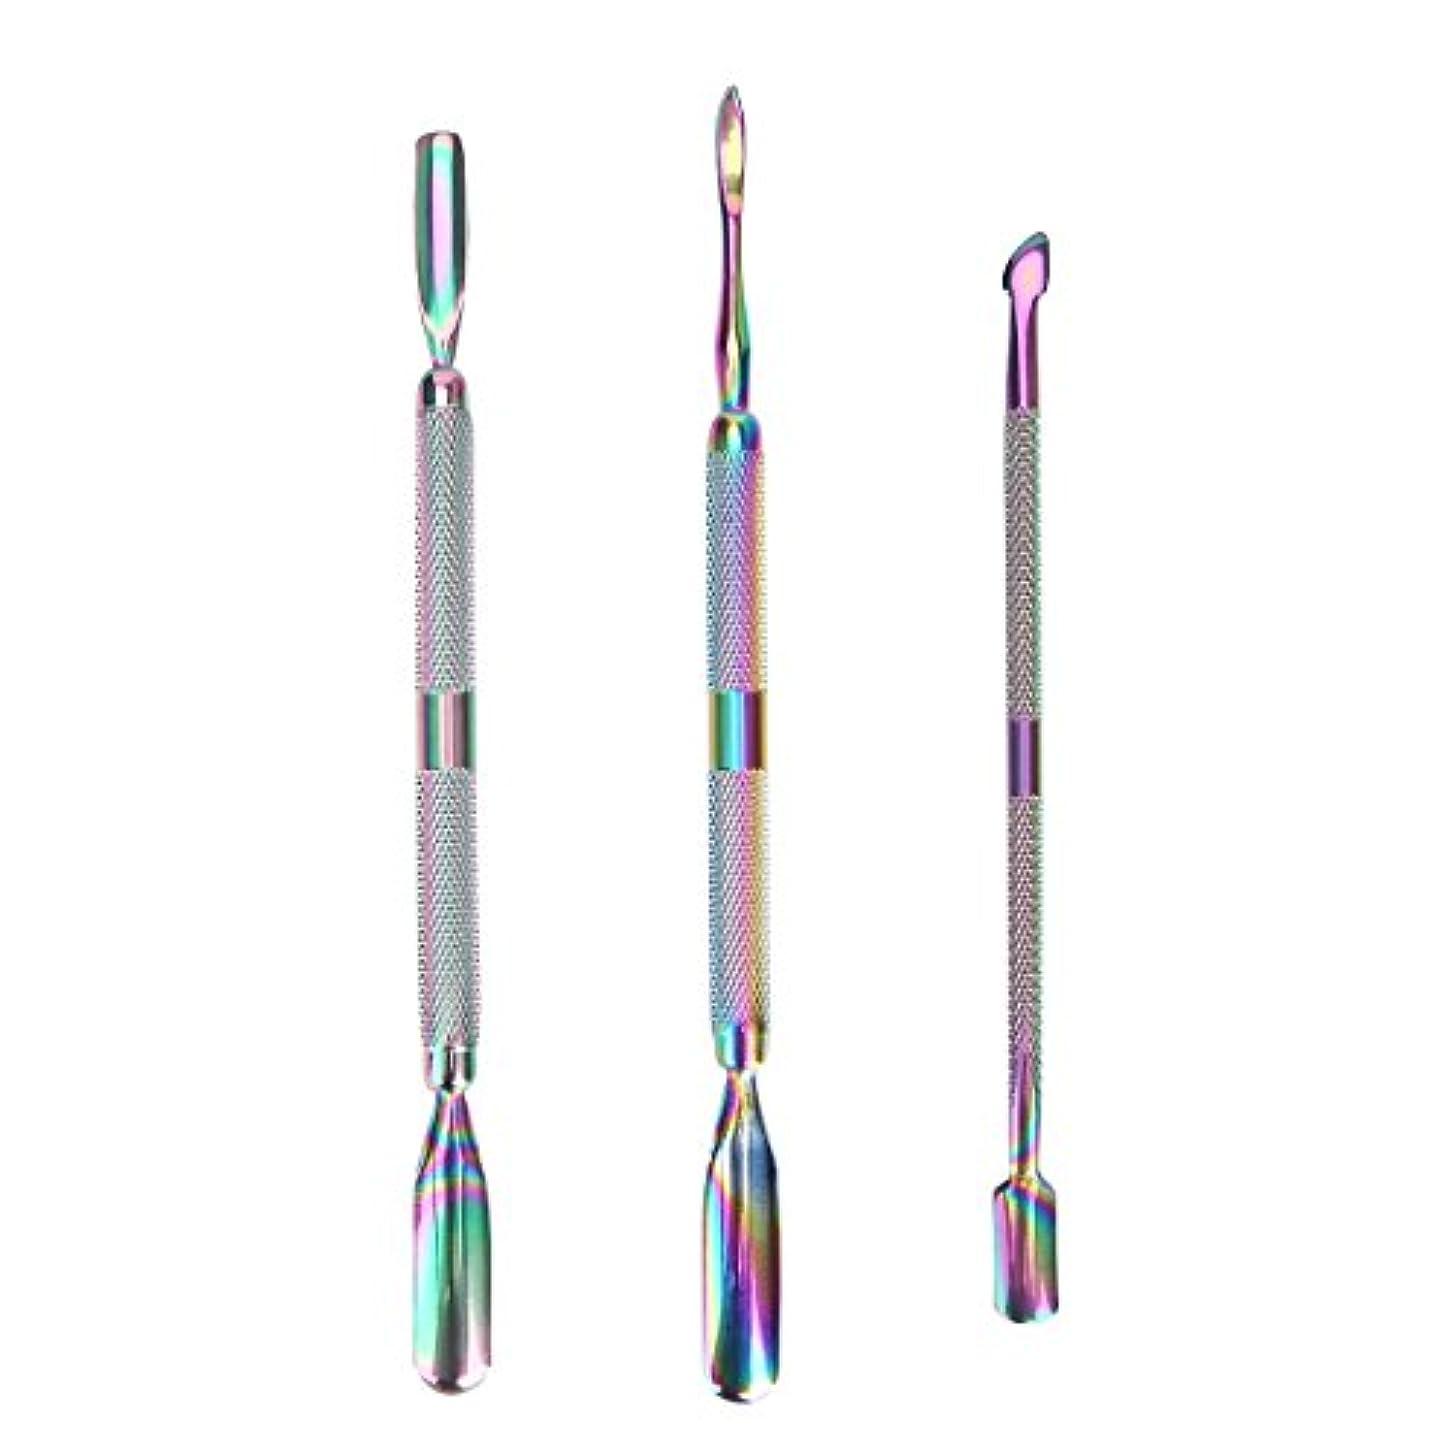 ありがたいくつろぎあなたが良くなります3 Pcs/set Rainbow Stainless Steel Dual End Nail Art Dead Skin Cuticle Remover Pusher Spoon Pedicure Manicure Care...